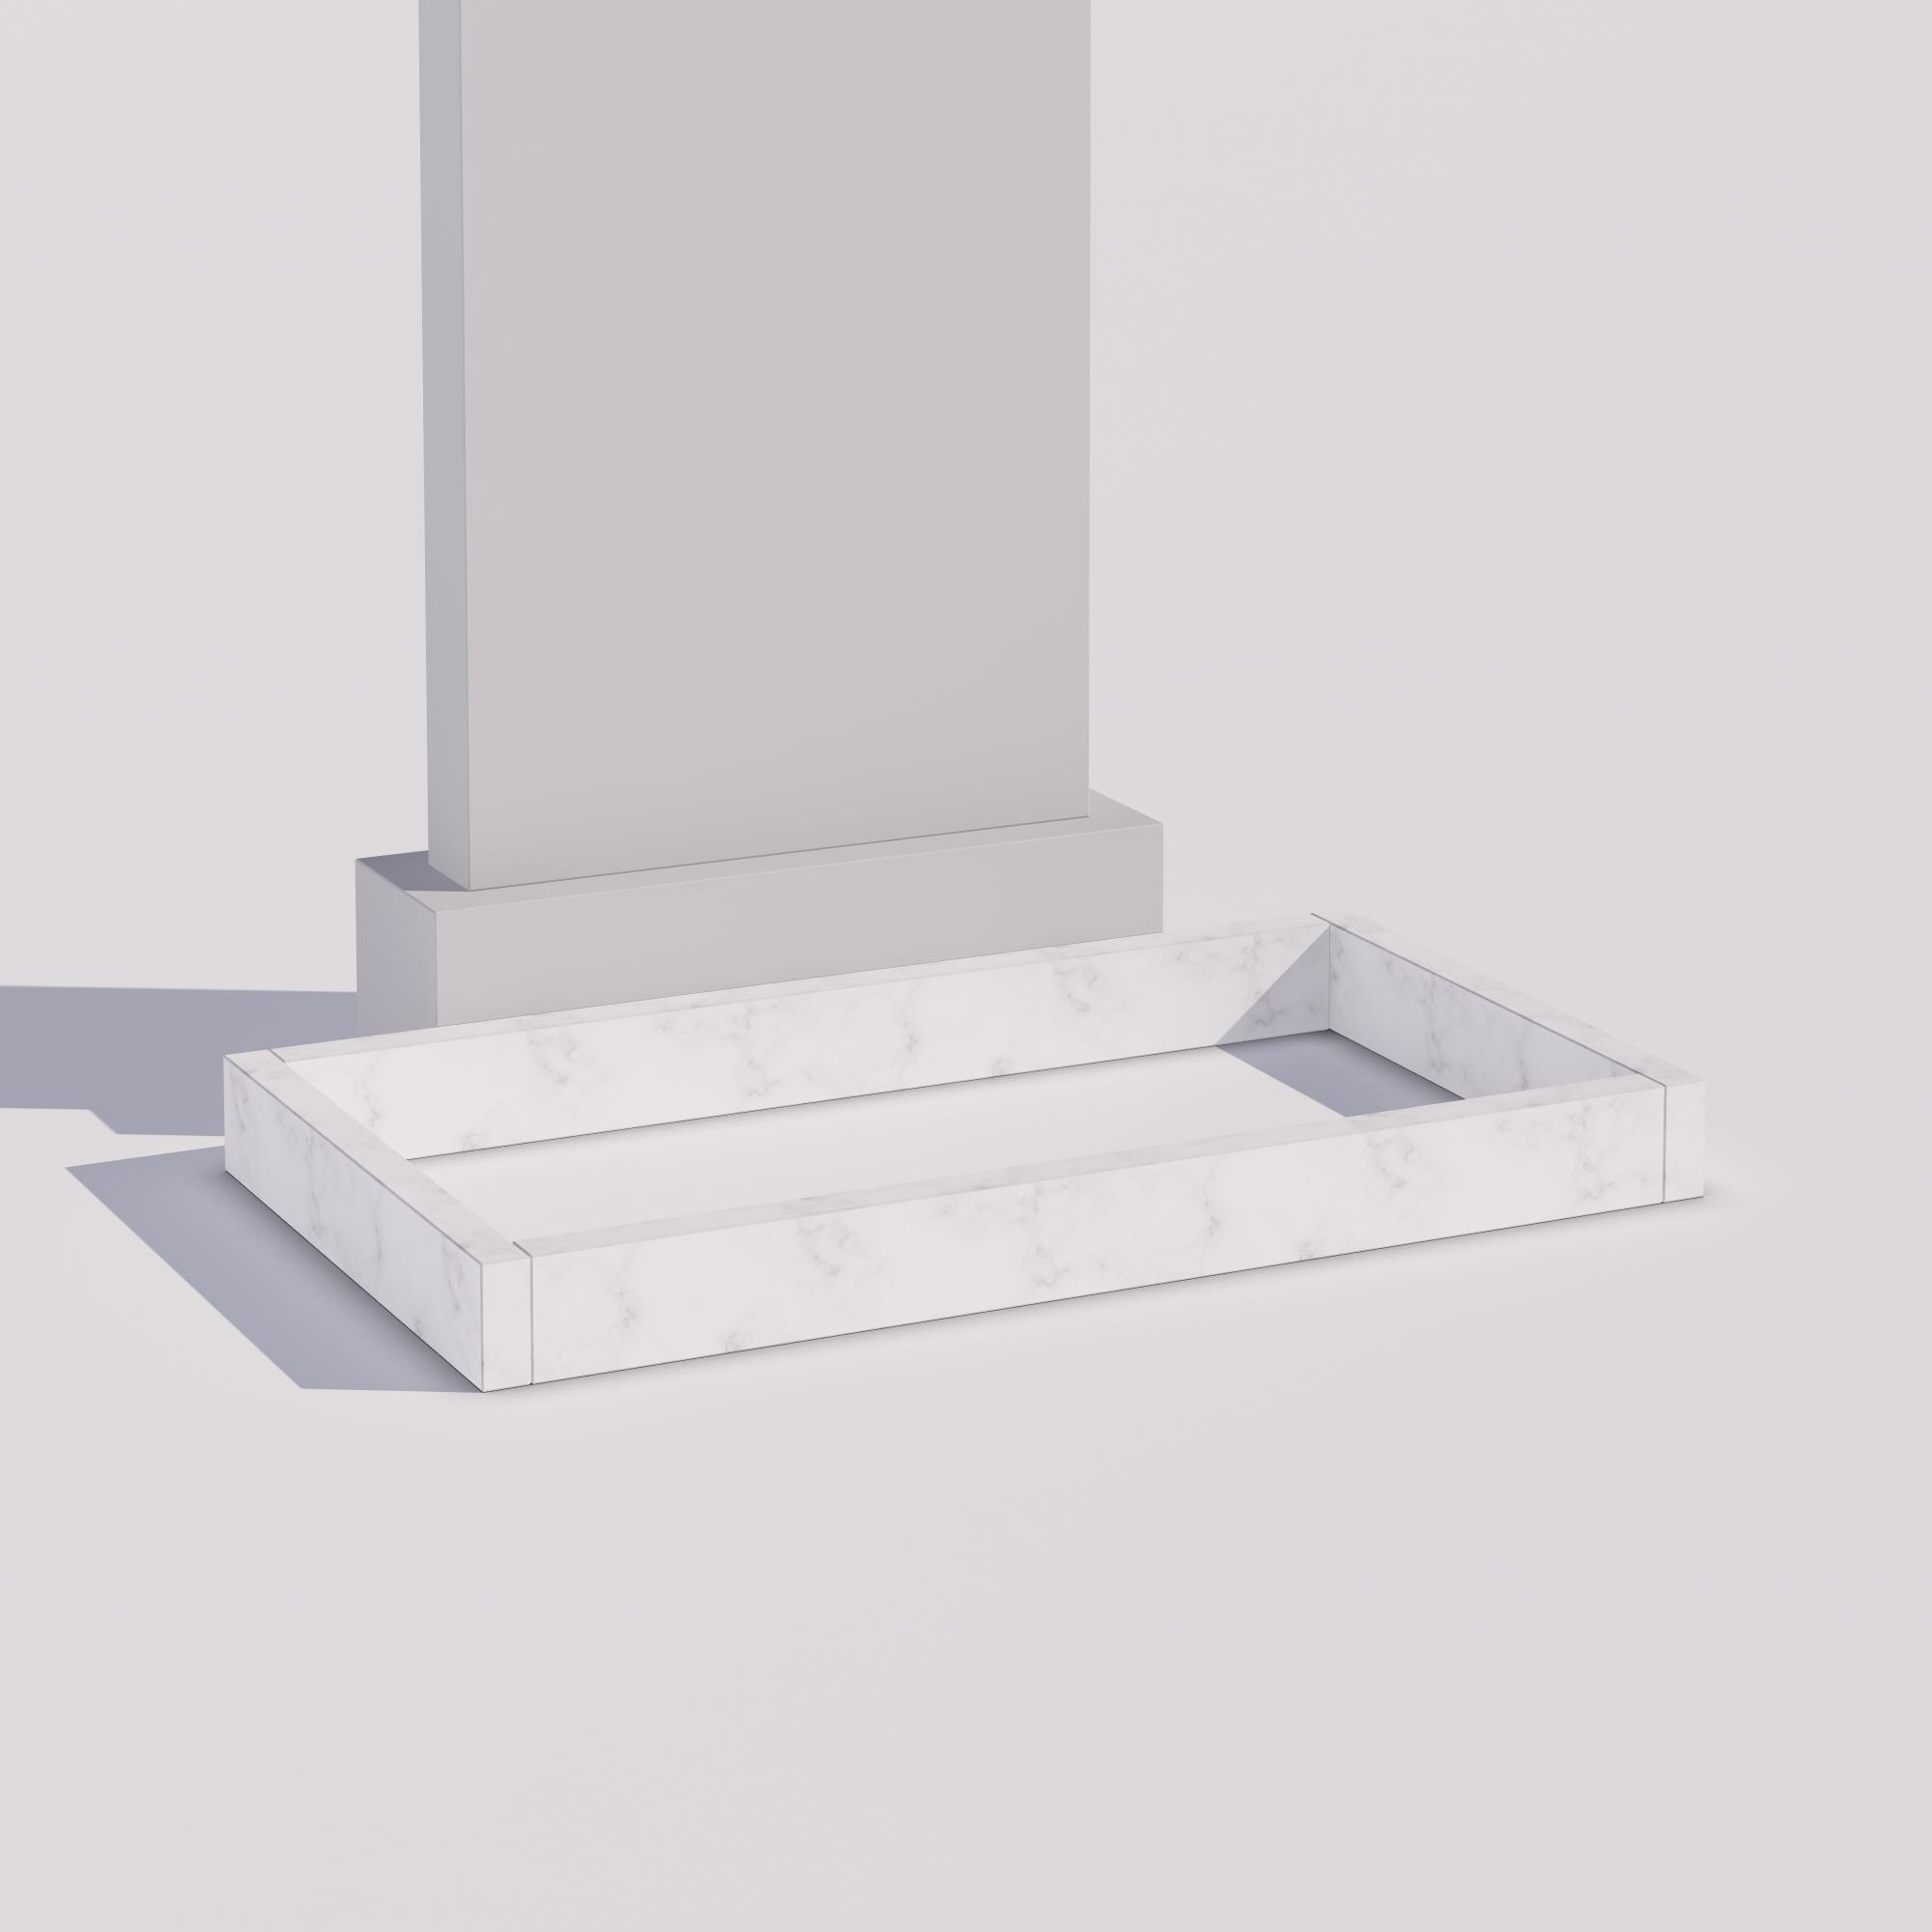 Цветник - мрамор из 4-х поребриков (ВхТ) 10х4 см.